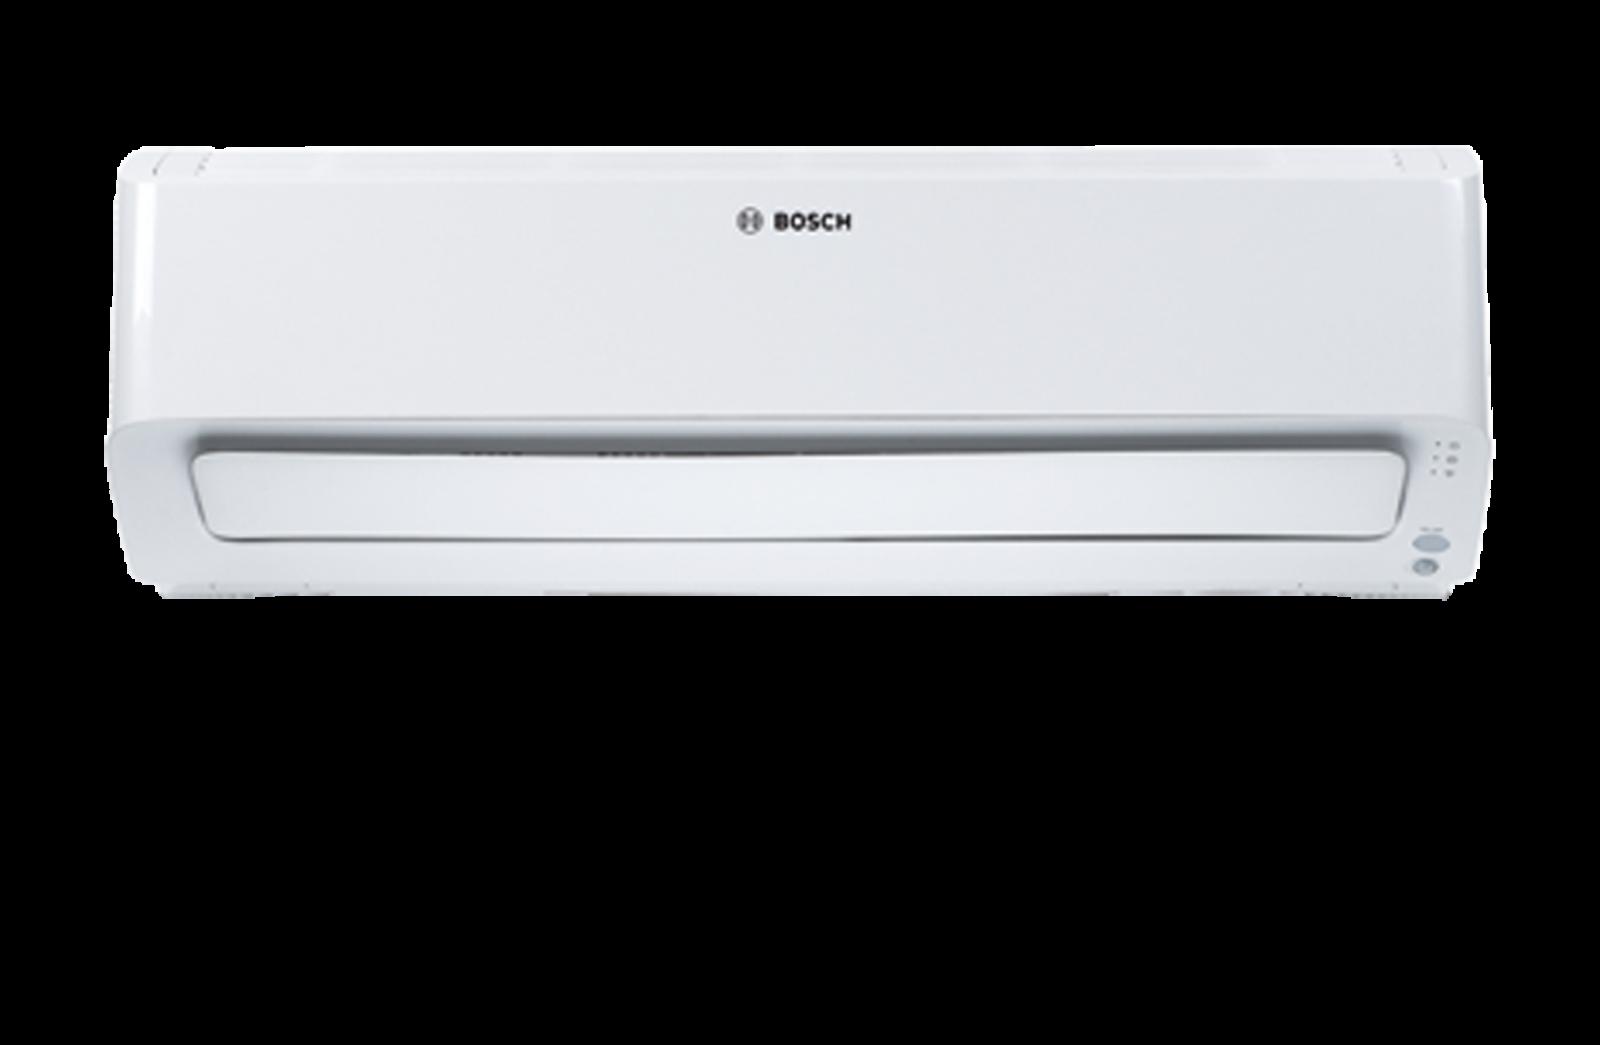 Bosch_klimatyzator_Climate_Class_8000i_biały